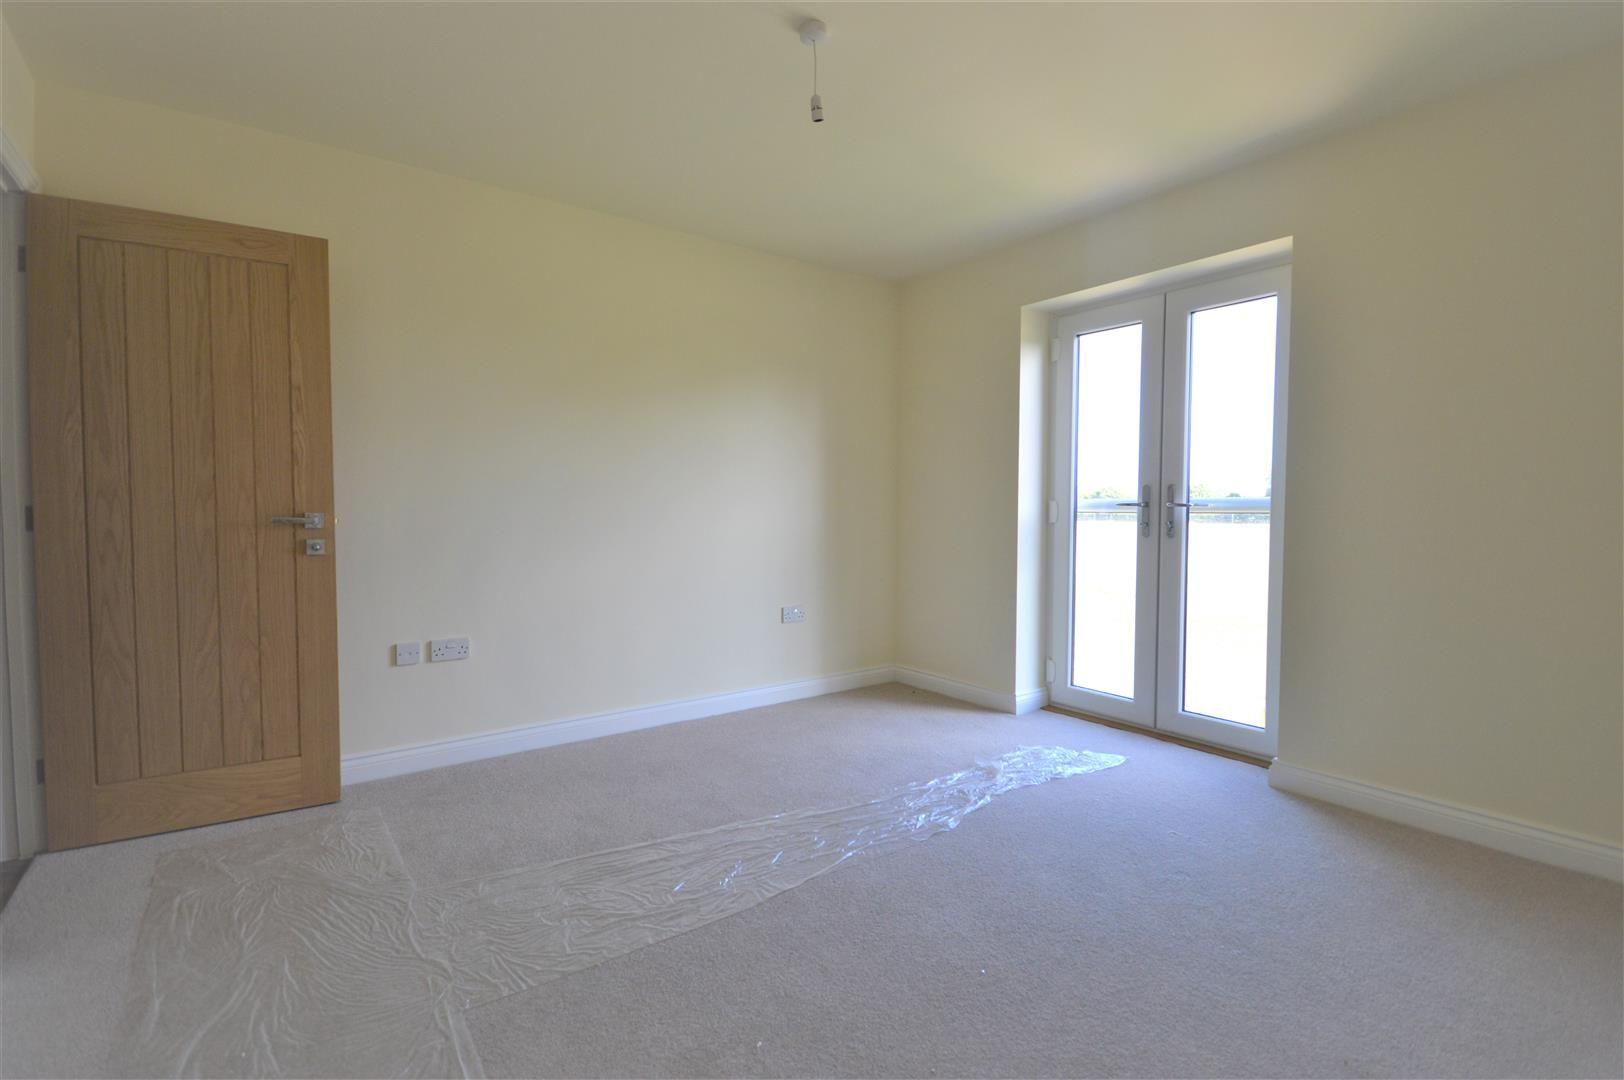 4 bed detached for sale in Kingsland 5